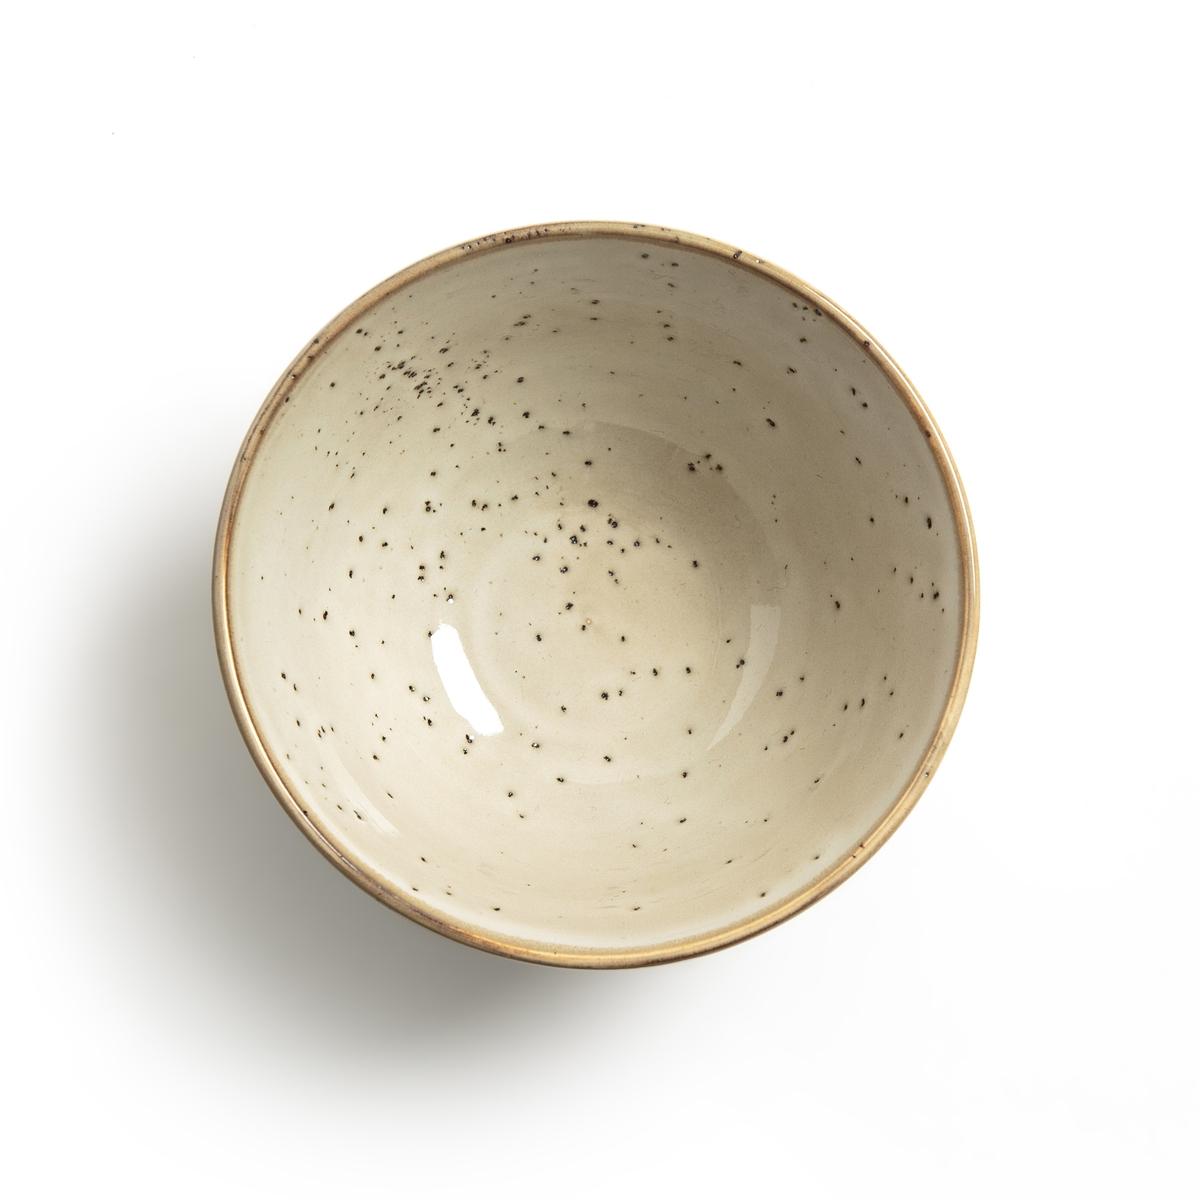 2 чашки чайные из эмалированной керамики, Alliac?2 чашки чайные Alliac? .  Чашки для чая в восточном стиле, которые можно использовать также для подвчи аперитива или десерта  . Отделка с отражающим эффектом придает им нотку аутентичности и шарма .  .Характеристики :  - Из эмалированной керамики в крапинку, рисунок может отличаться от изделия к изделию   - Можно использовать в посудомоечных машинах и микроволновых печах - Продается в черной коробке     Размеры :- ?12 x H6 см<br><br>Цвет: бежевый